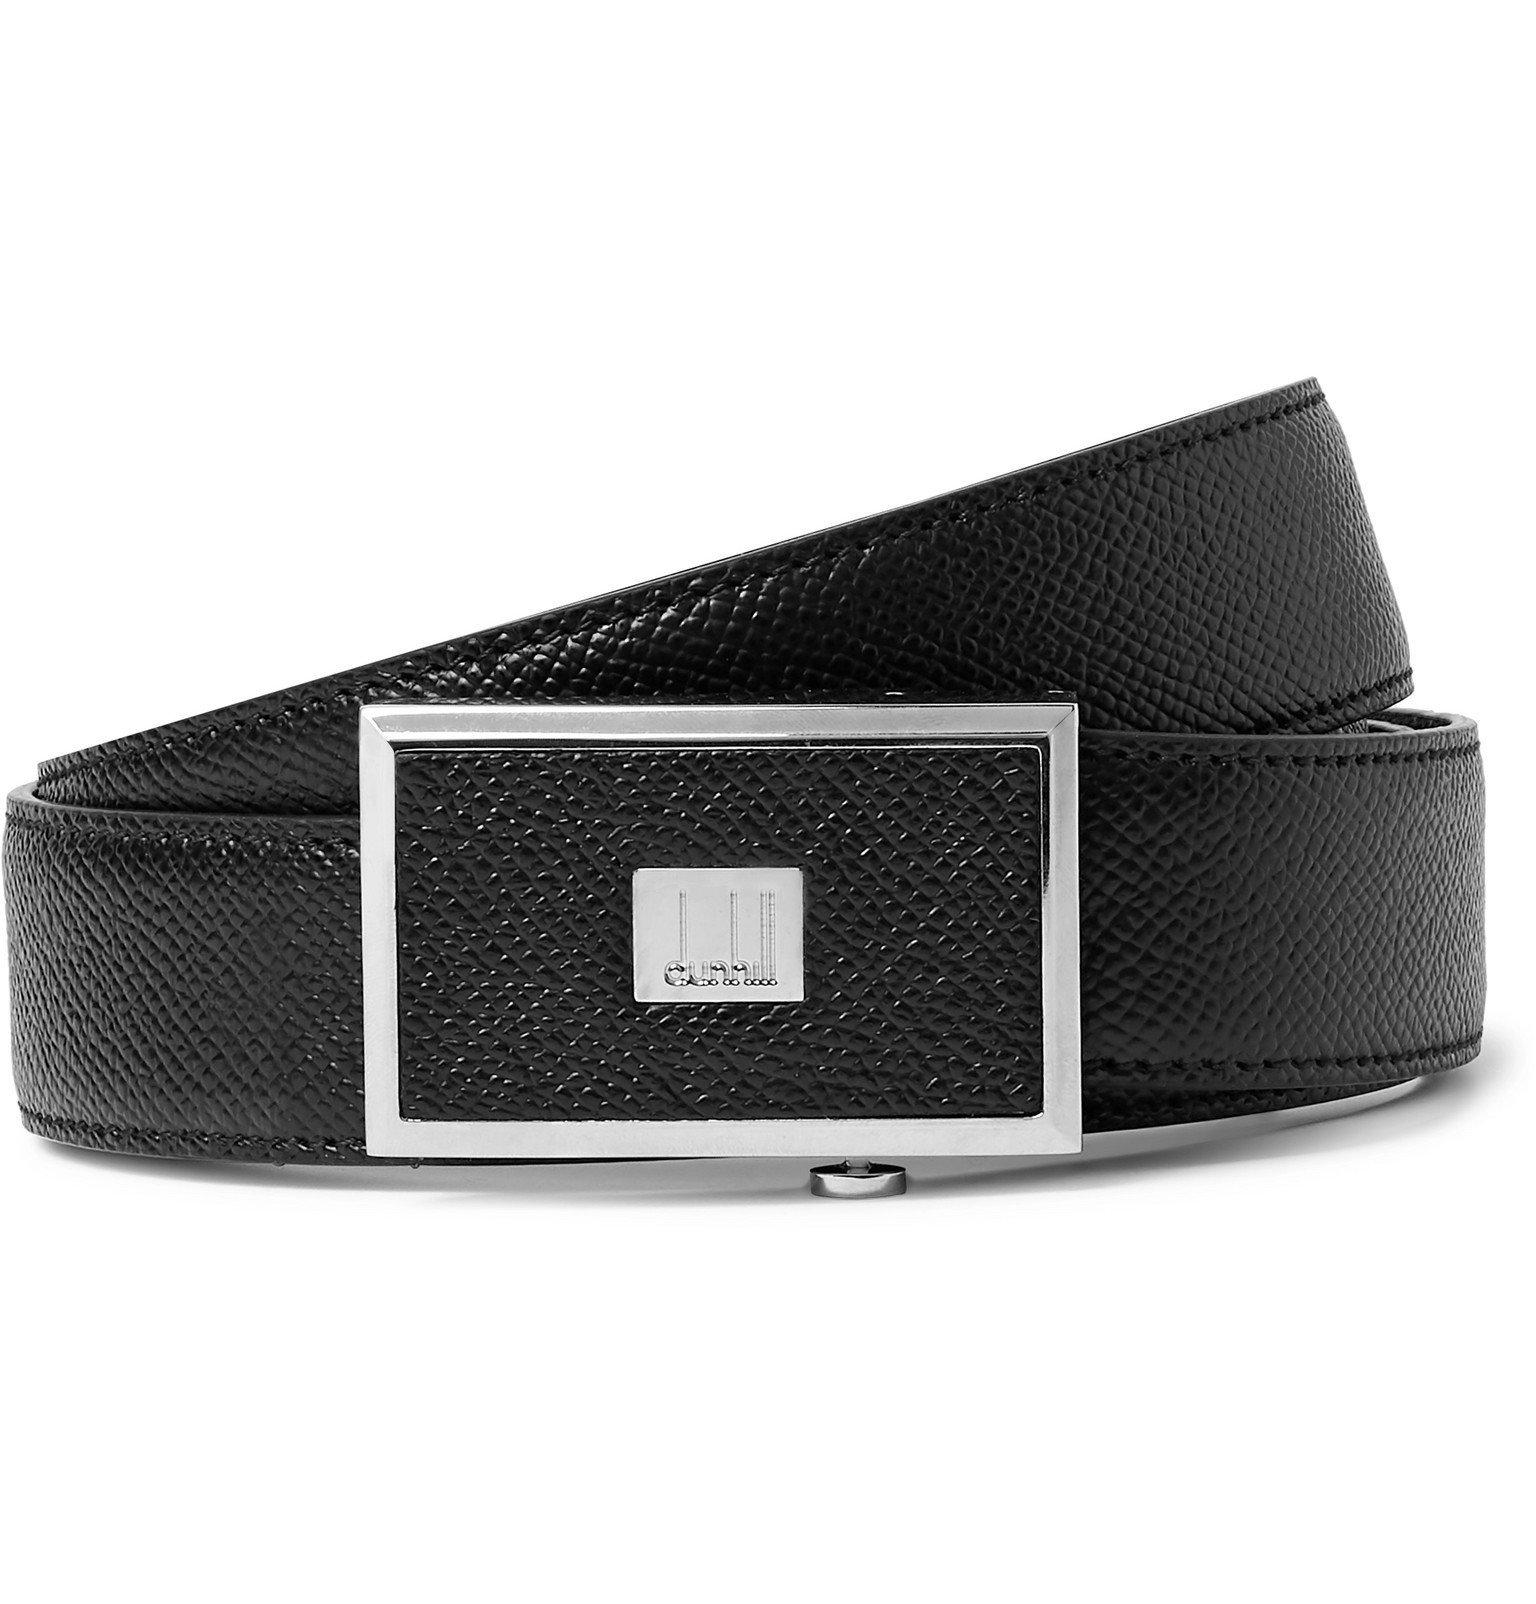 Dunhill - 3cm Black Full-Grain Leather Belt - Black